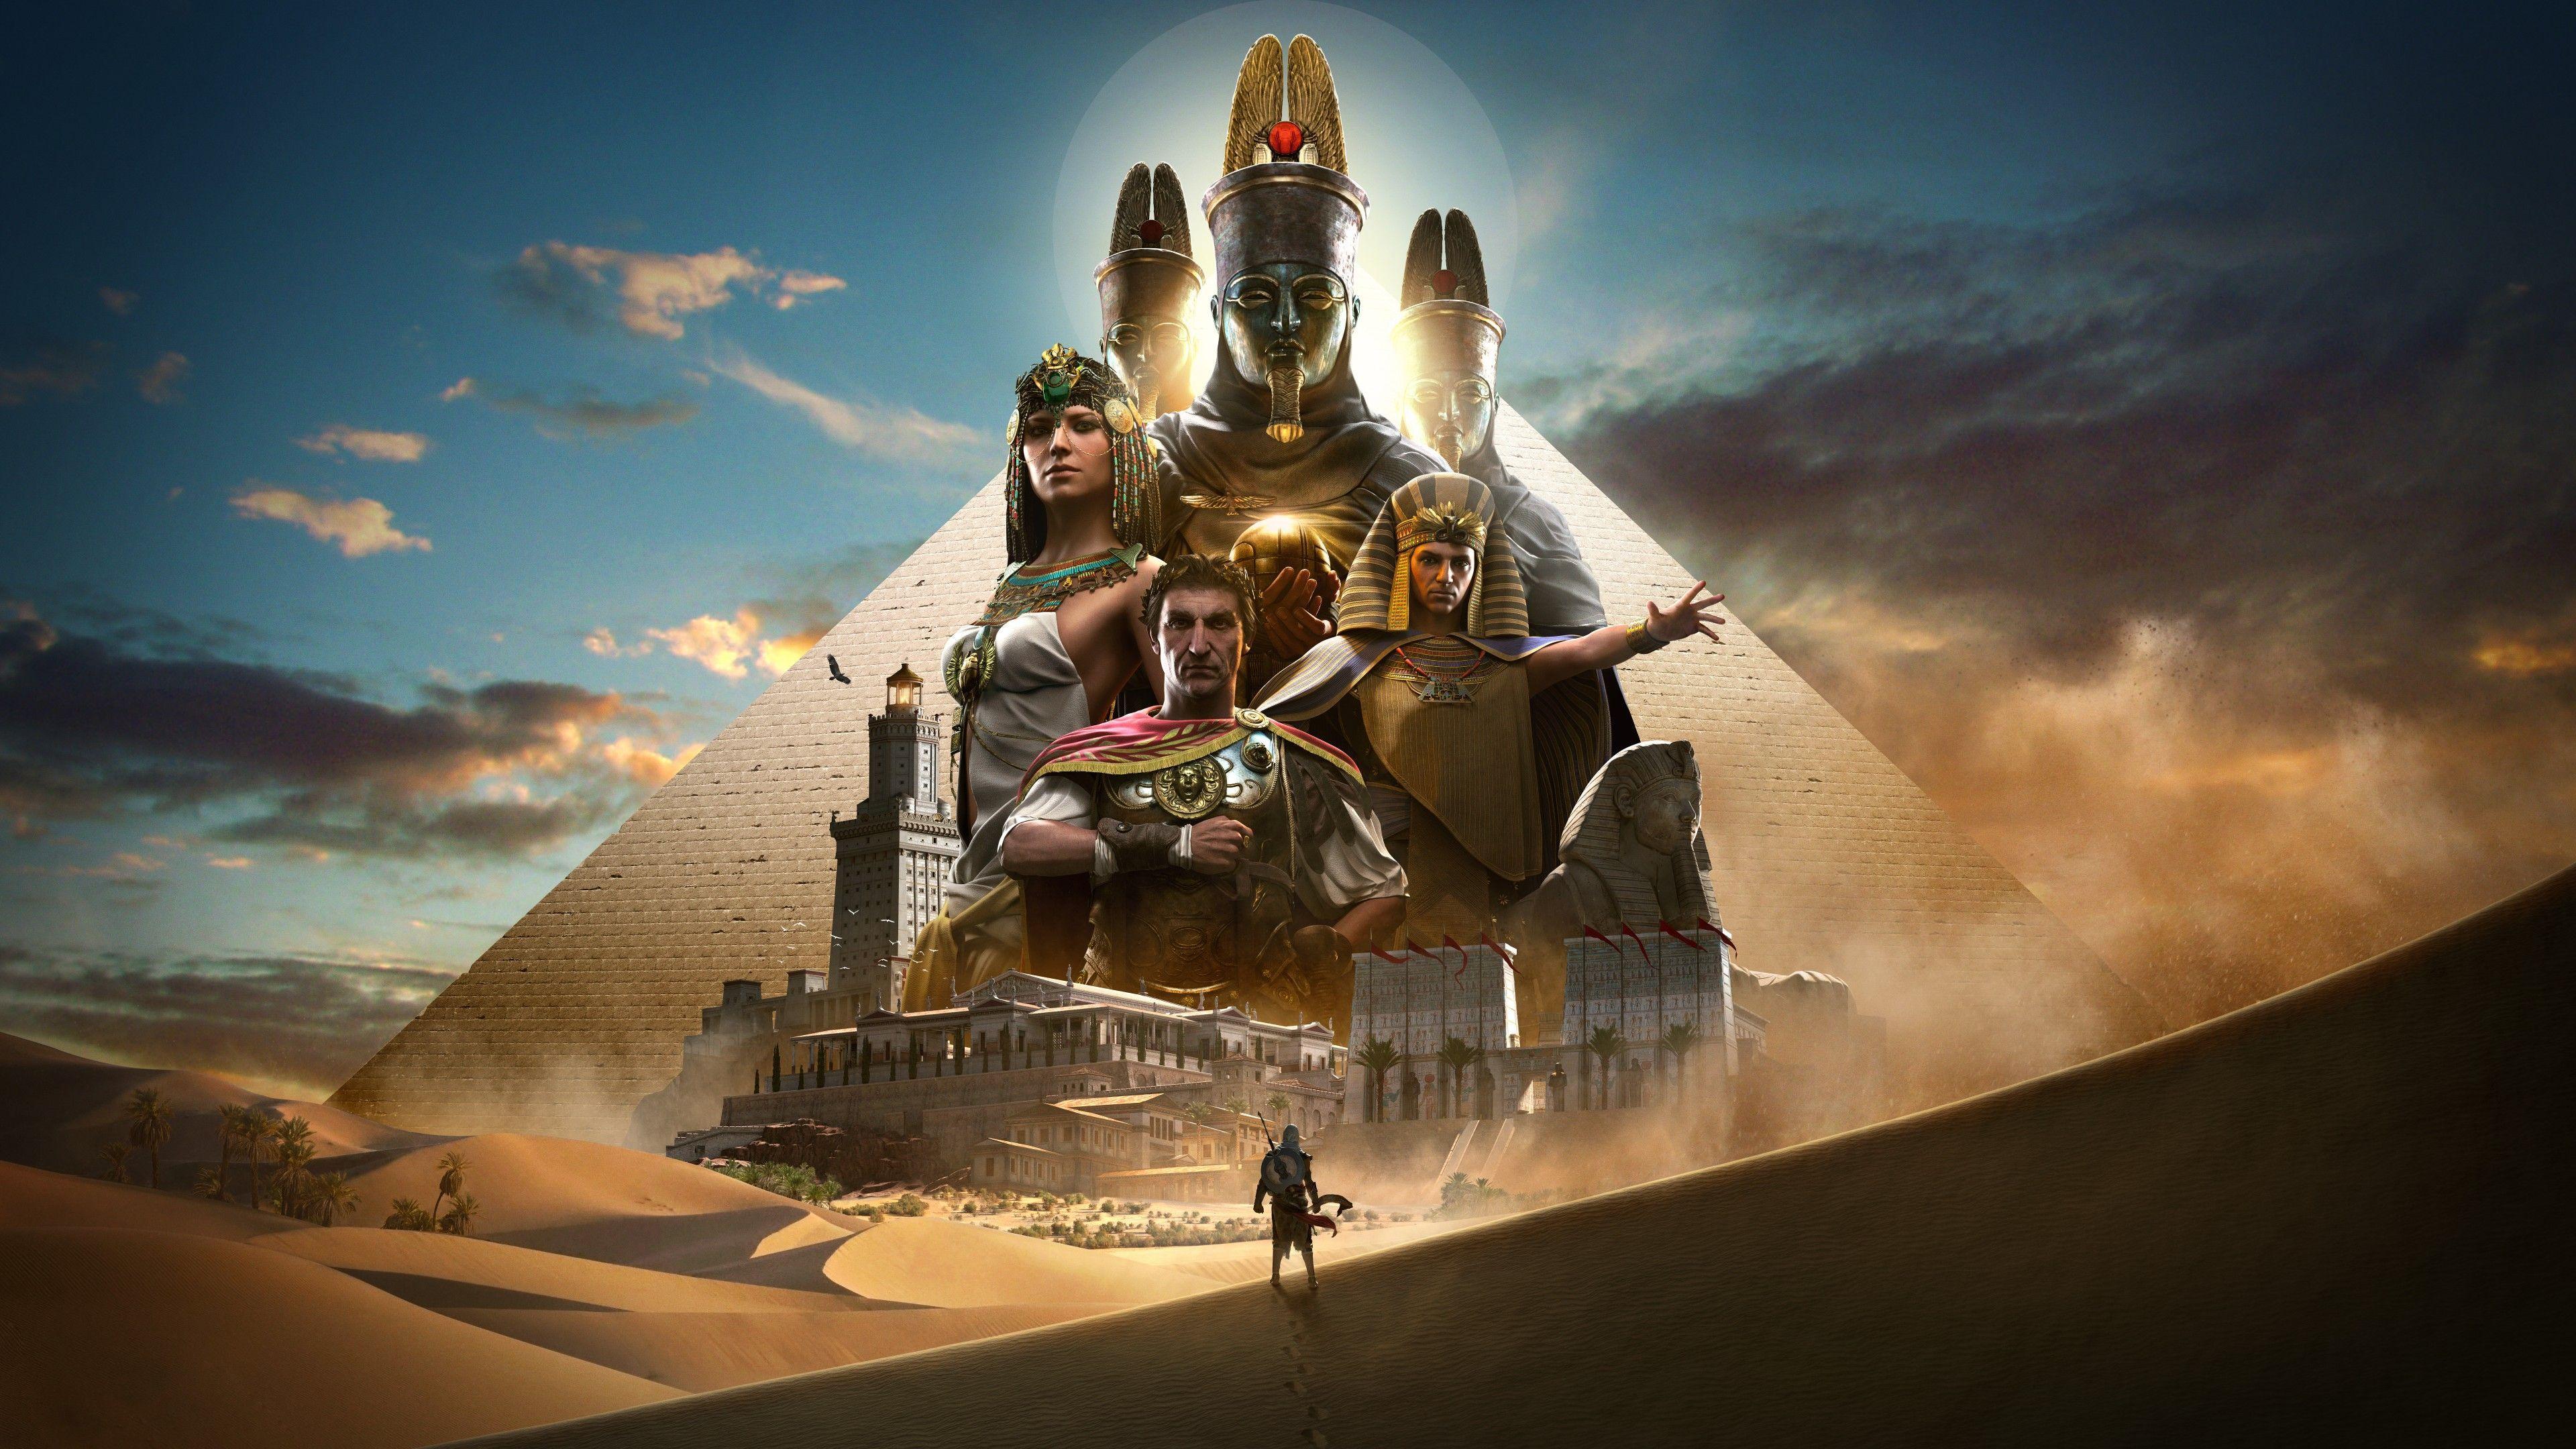 Download Assassin's Creed Origins Wallpaper 1080X1920 Pics